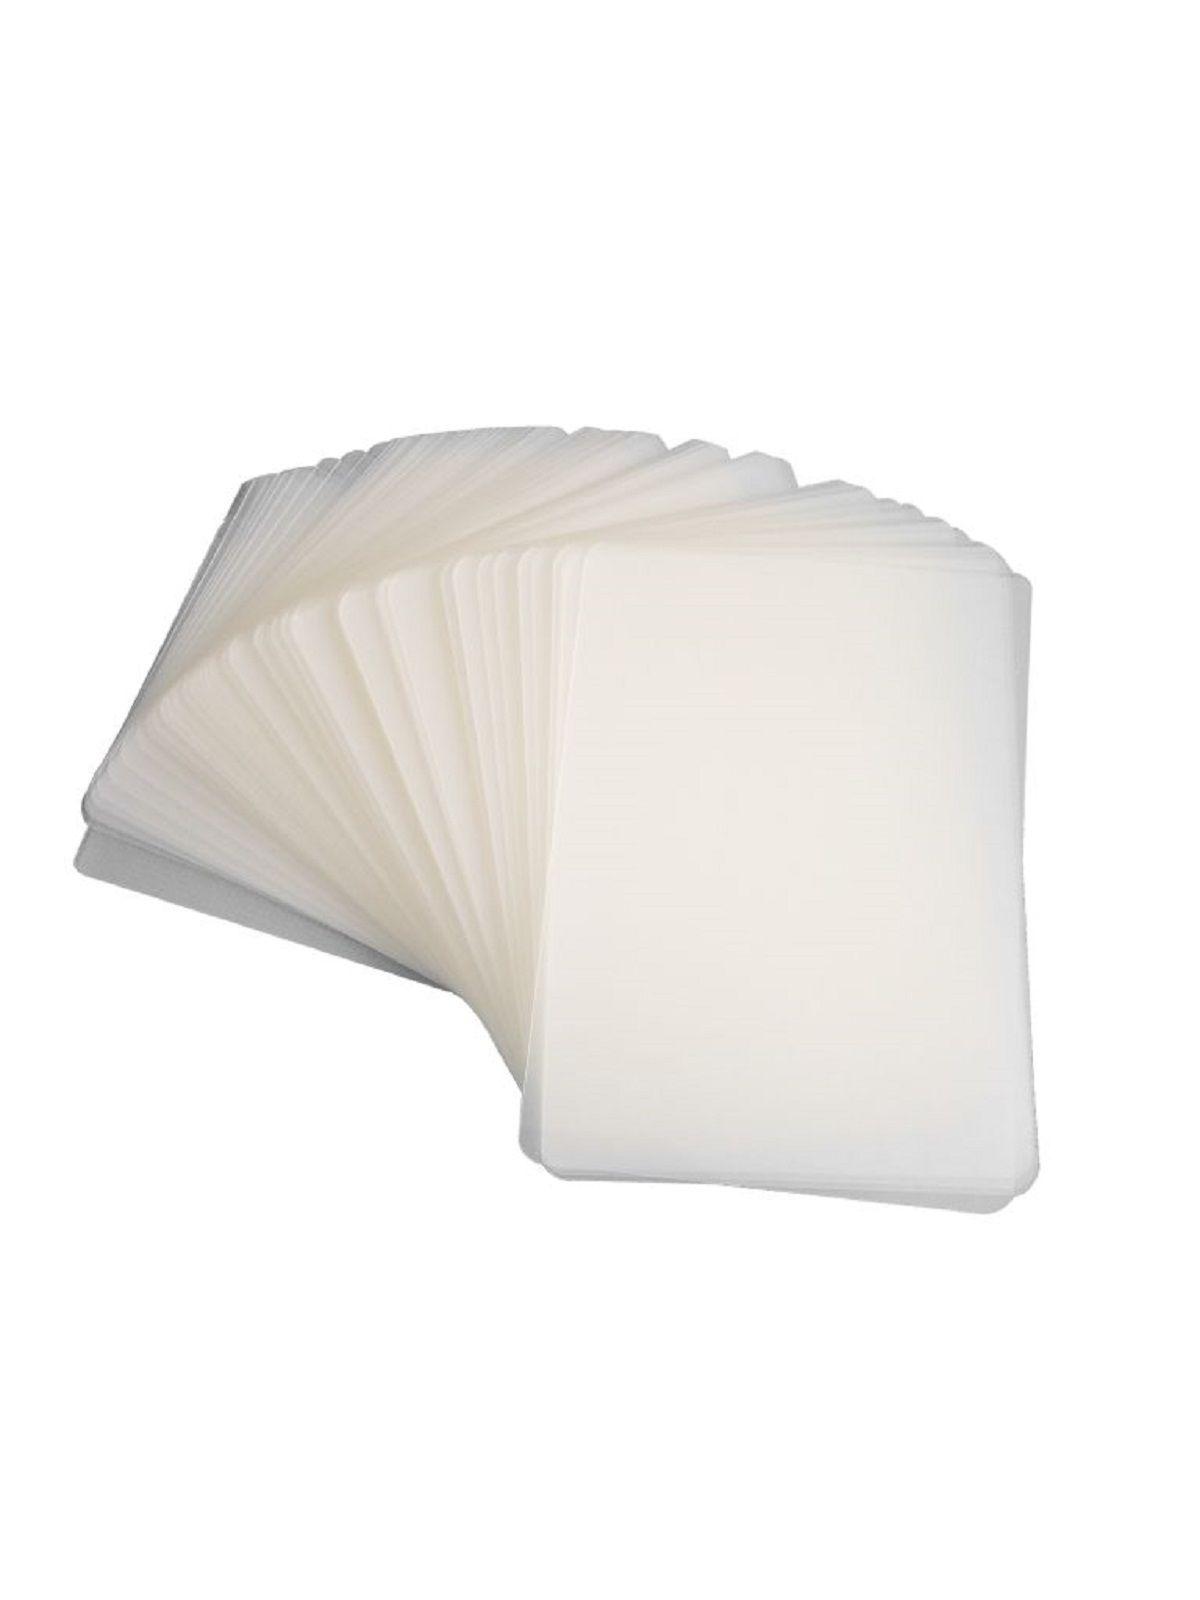 Polaseal para Plastificação CGC 110x170x0,05mm (125 micras) - Pacote com 100 unidades  - Click Suprimentos